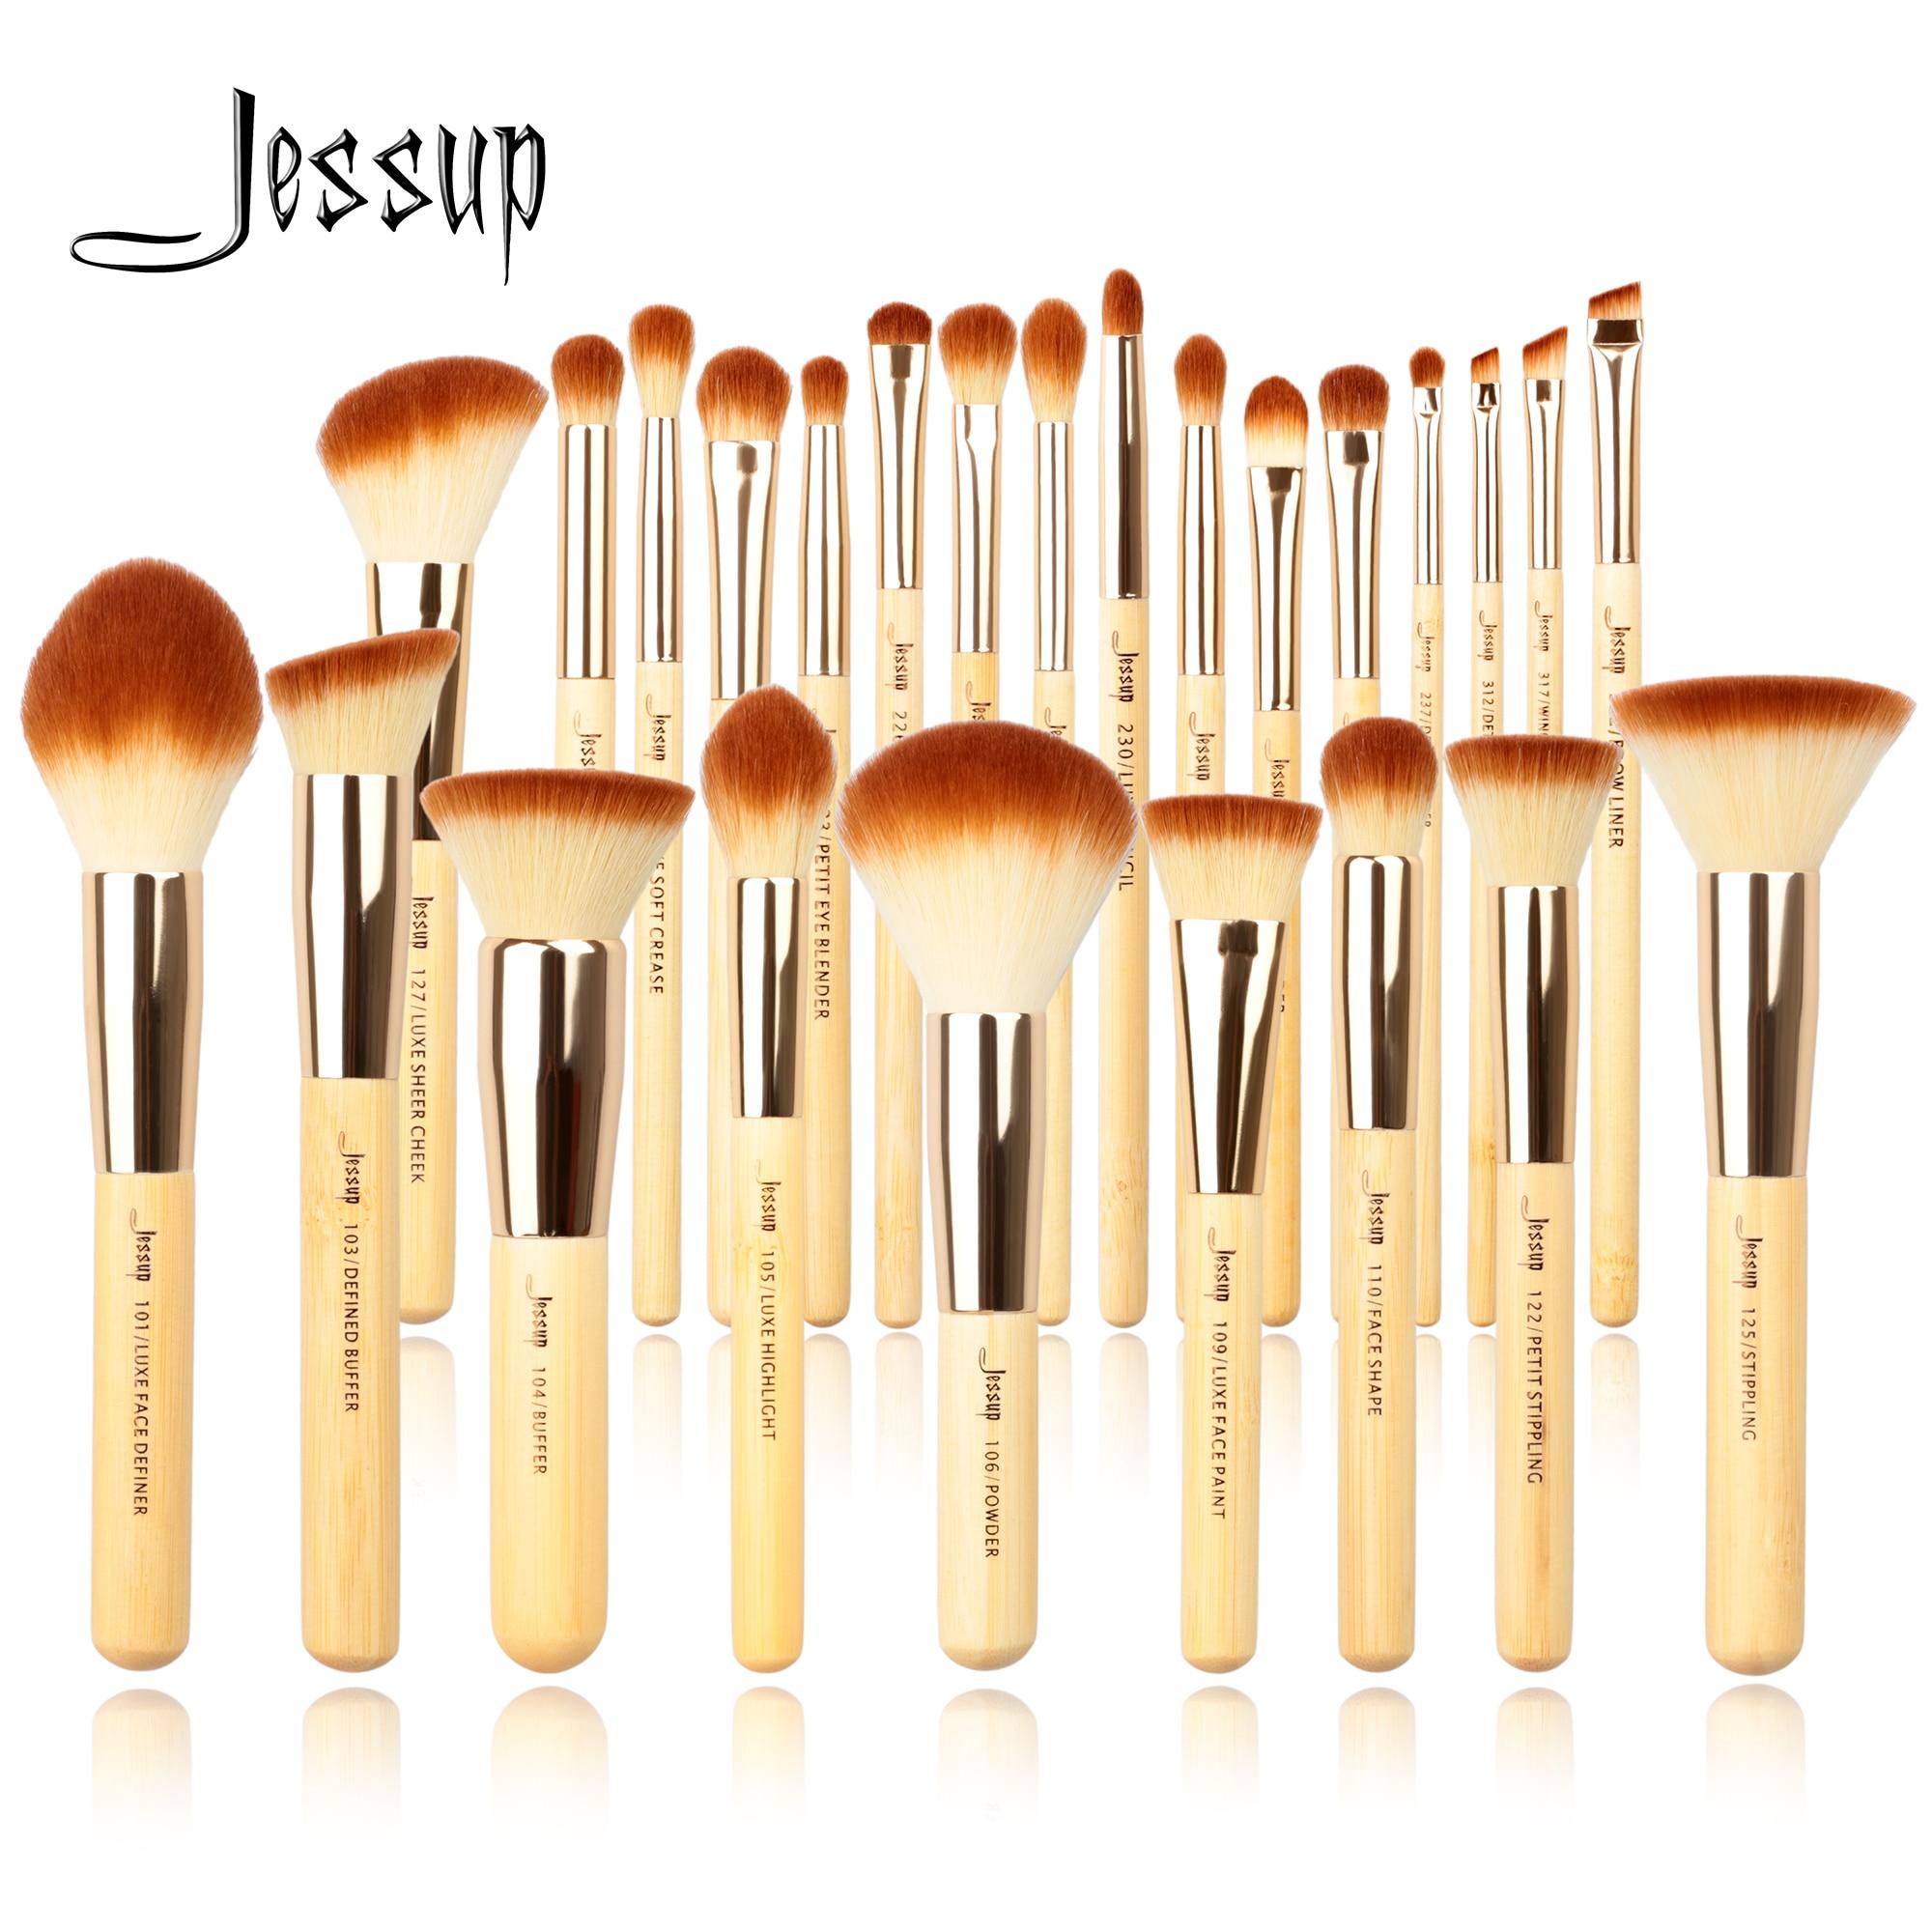 Jessup Bamboo Professional Makeup brushes set 6-25pcs Beauty Foundation Powder Eyeshadow Make up brush